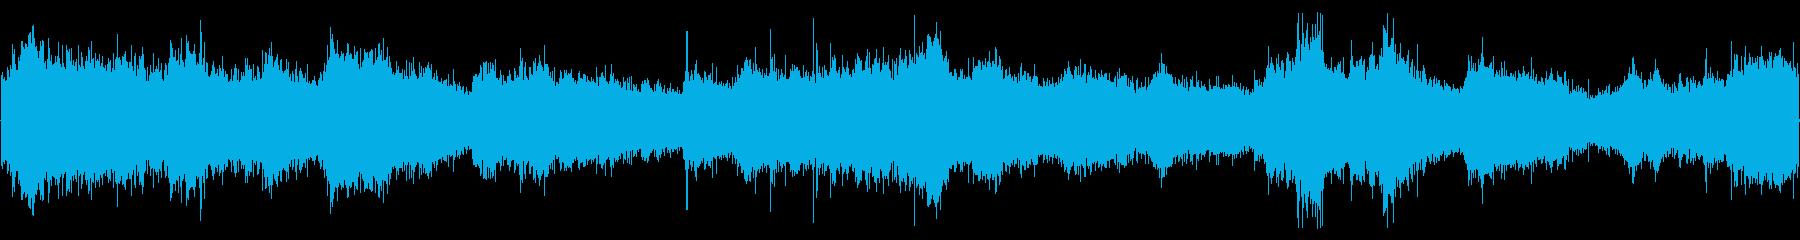 海 サーフストーミーシー02の再生済みの波形